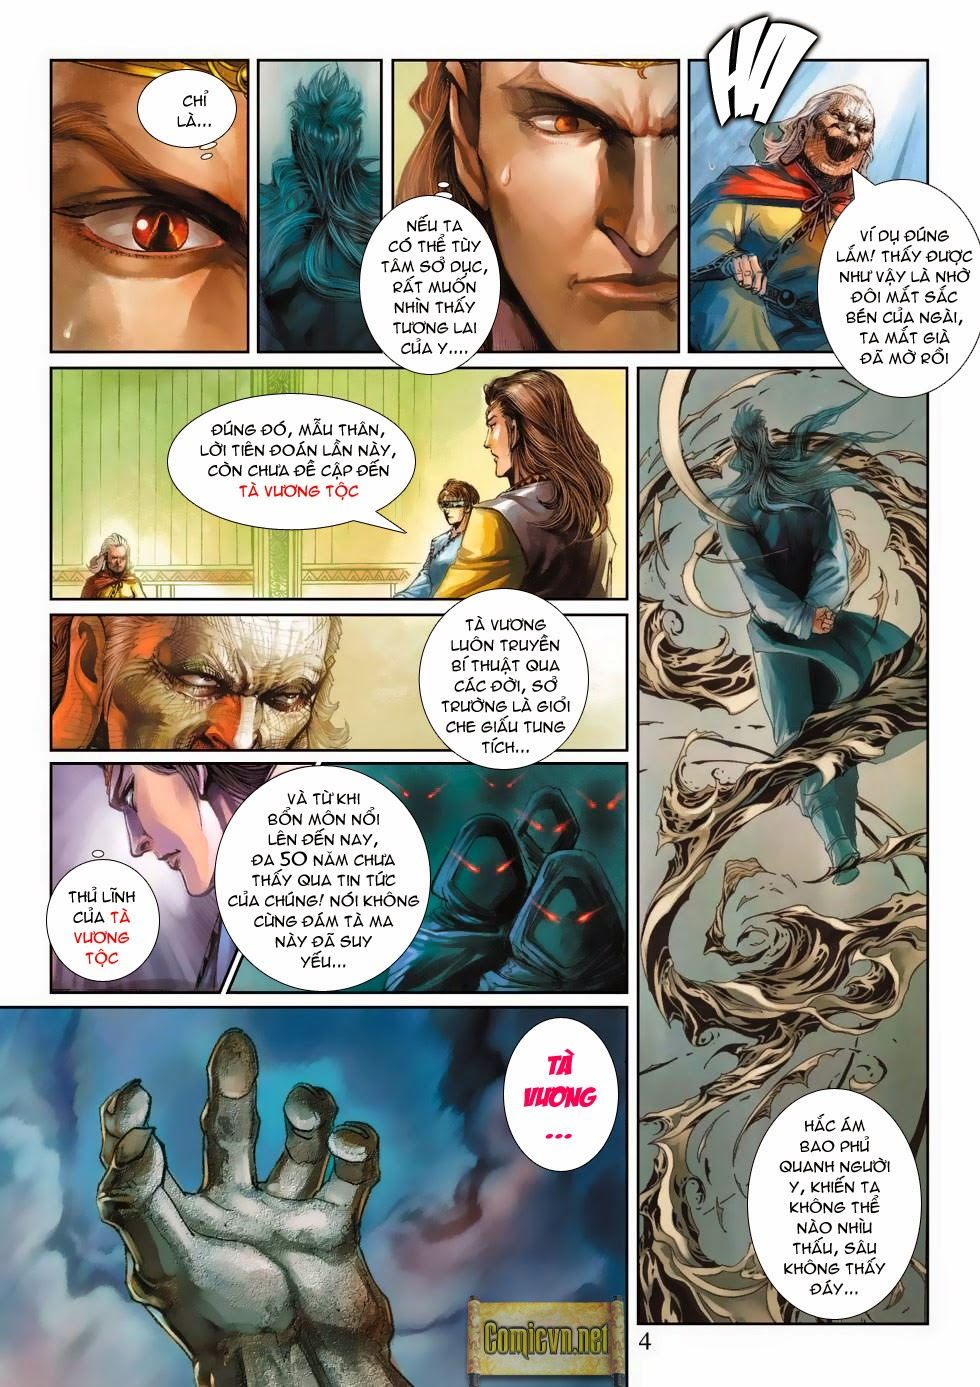 Thần Binh Tiền Truyện 4 - Huyền Thiên Tà Đế chap 3 - Trang 4